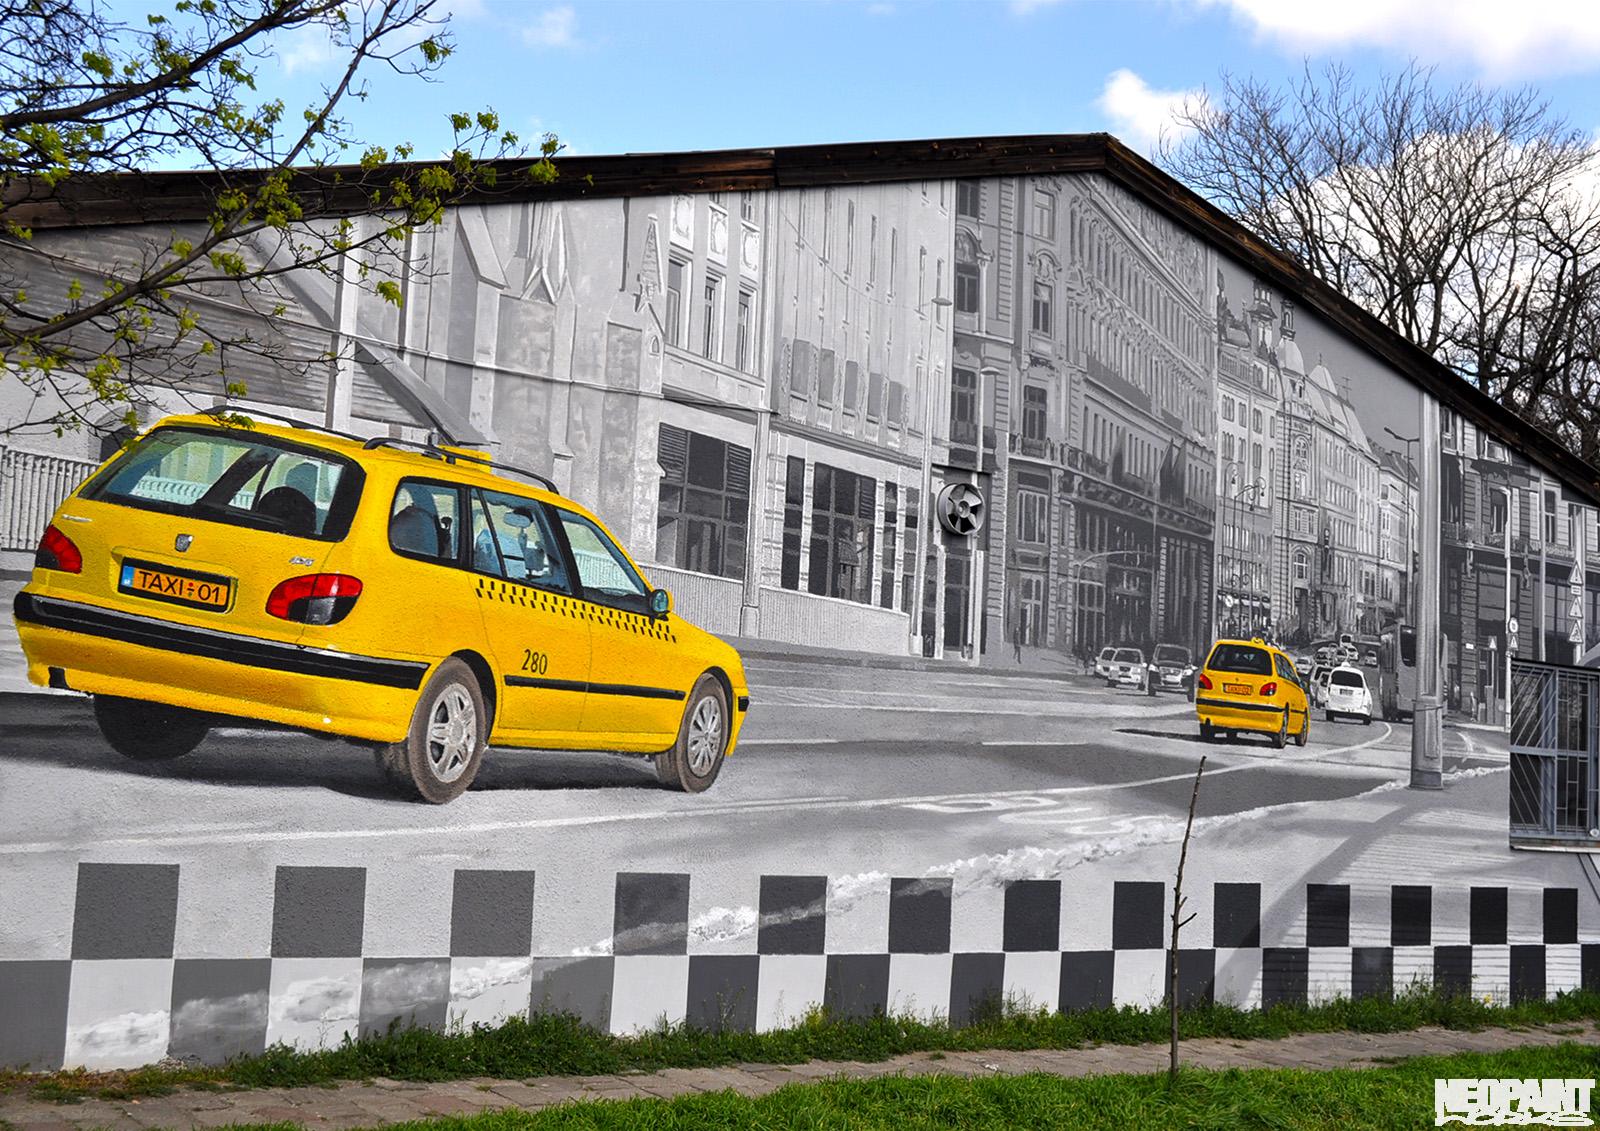 neopaint works - kültéri falfestmény - taxi